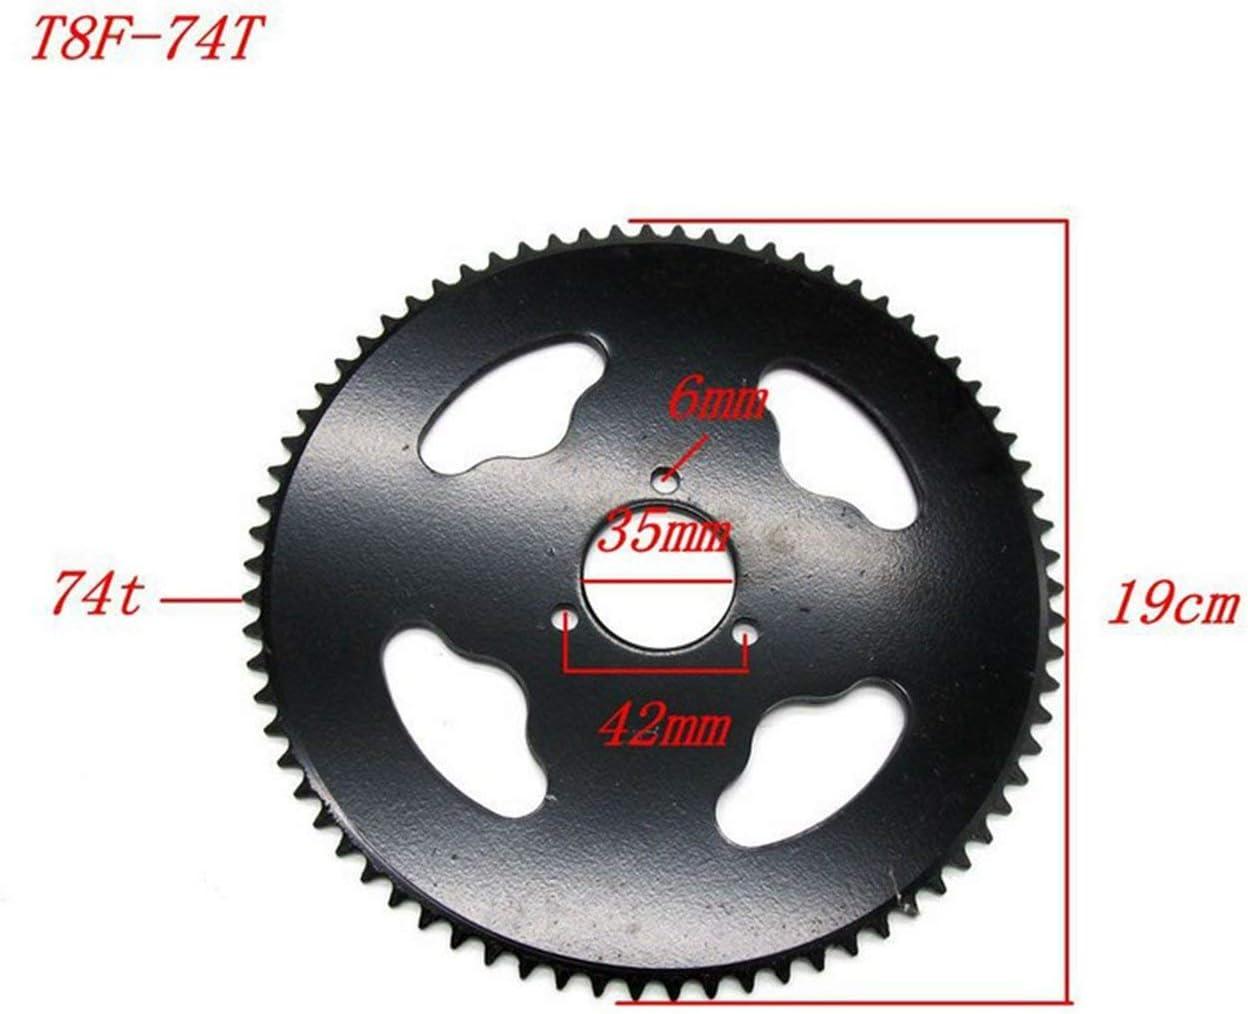 BIYI T8F-74 74 Tooth Motorrad Zahnkranz f/ür kleine 4-Wheeler Durable Metal Kettenrad Modified Motorrad Teil silber